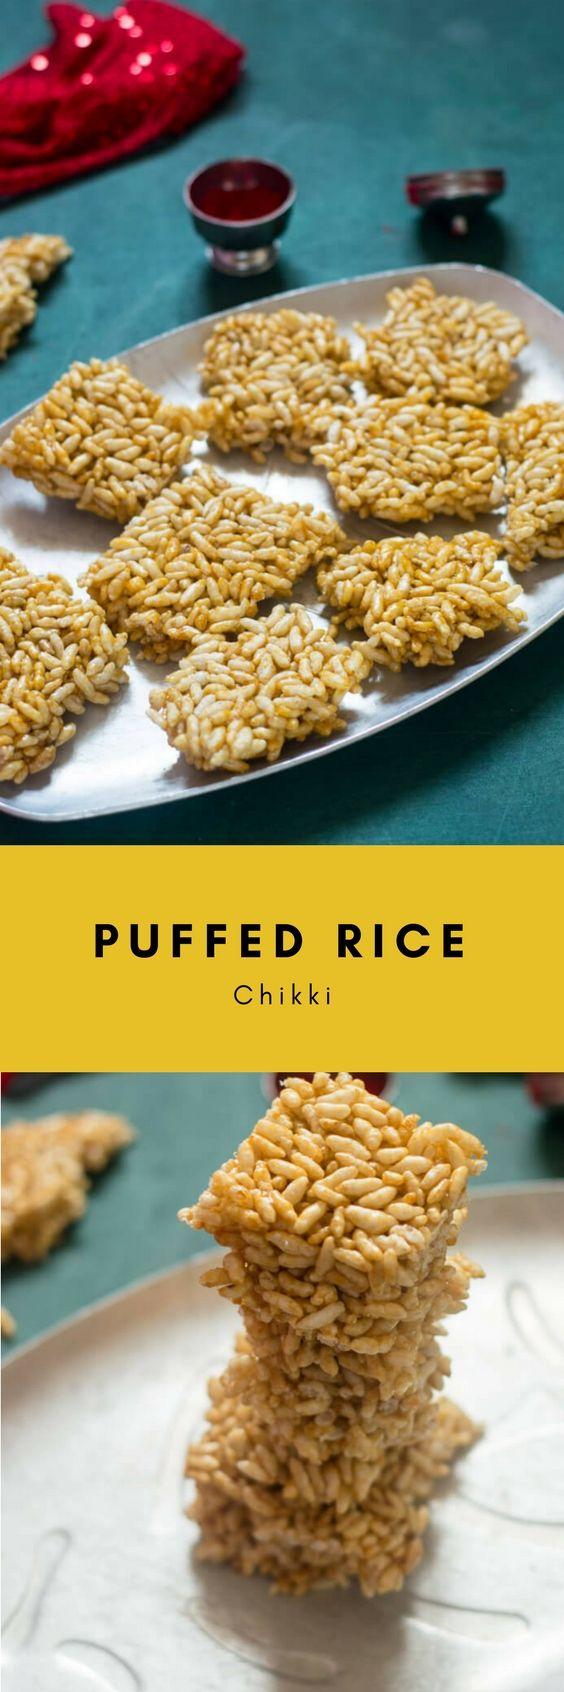 Murmura Chikki   Puffed Rice And Jaggery Bars - CookingWithSapana